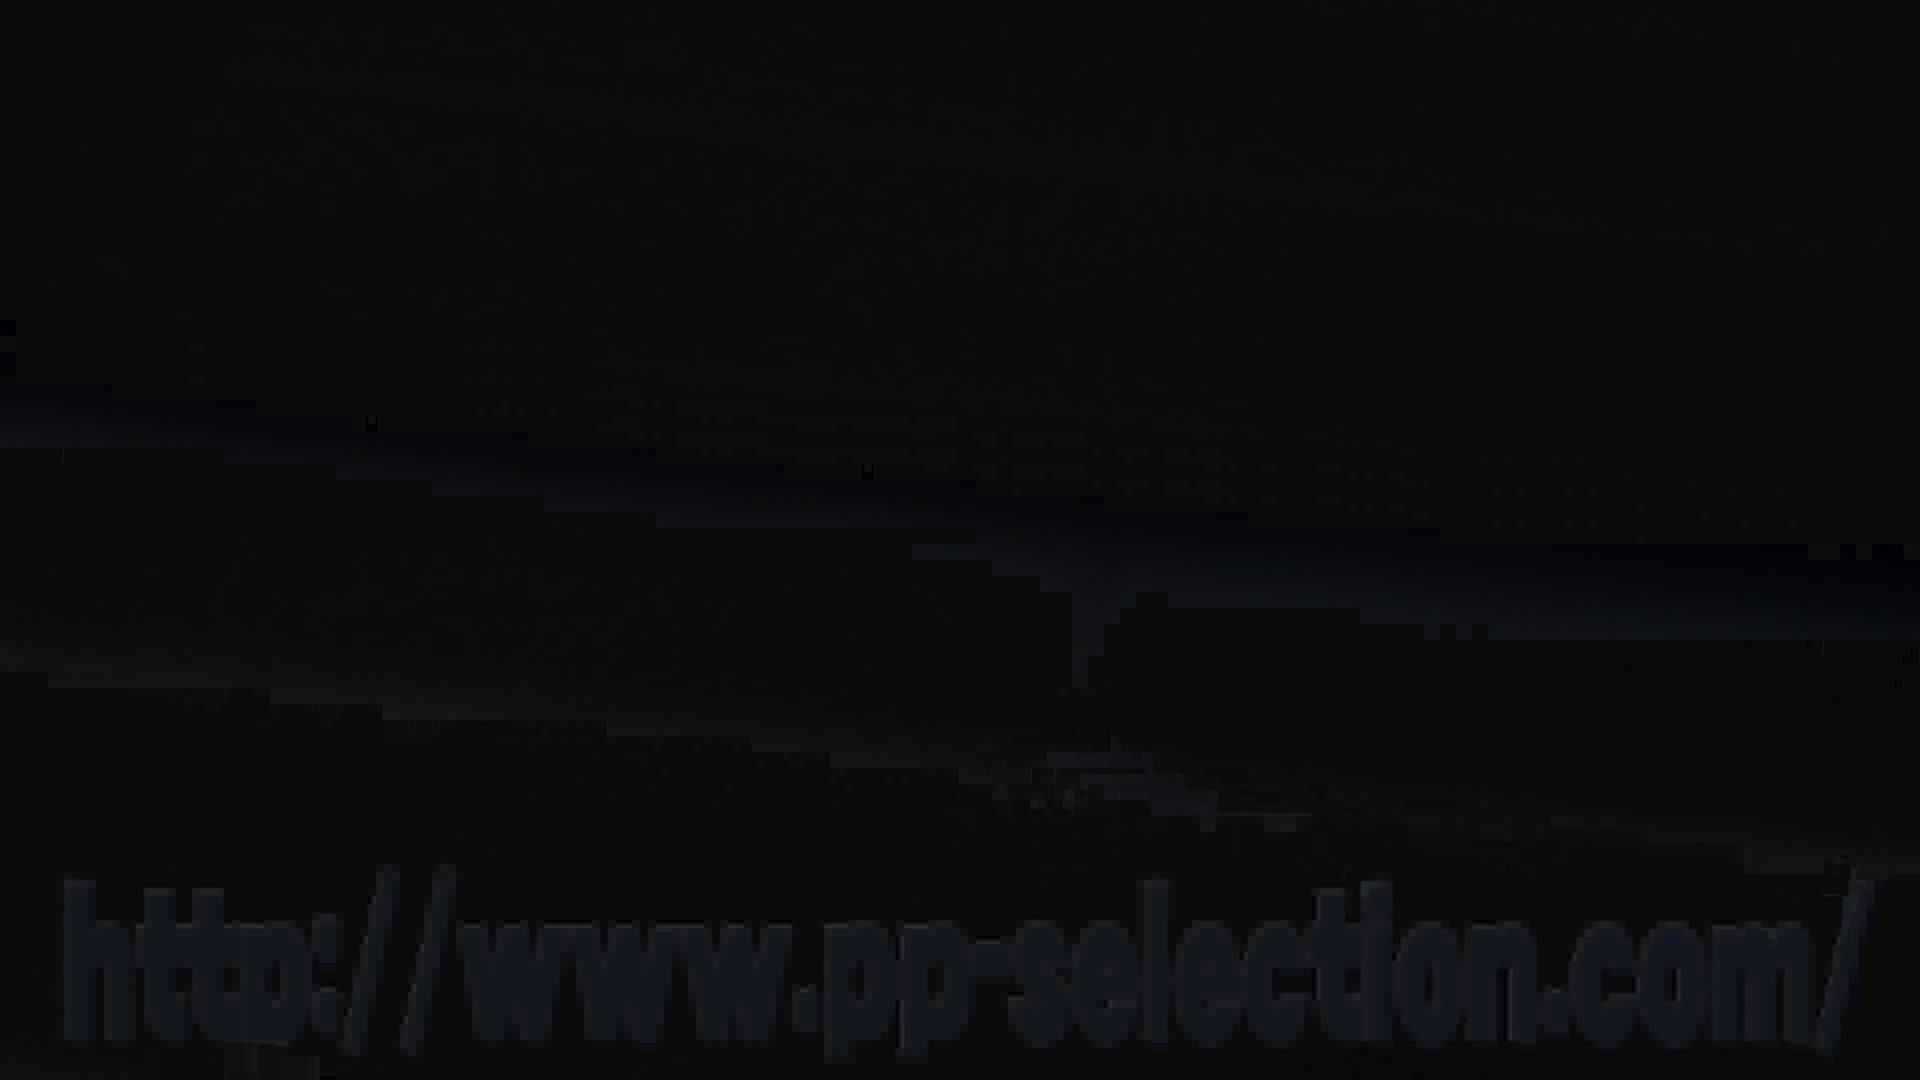 なんだこれVol.12 美魔女登場、 HD万歳!! 違いが判る映像美!! 潜入   OLのエロ生活  69連発 63